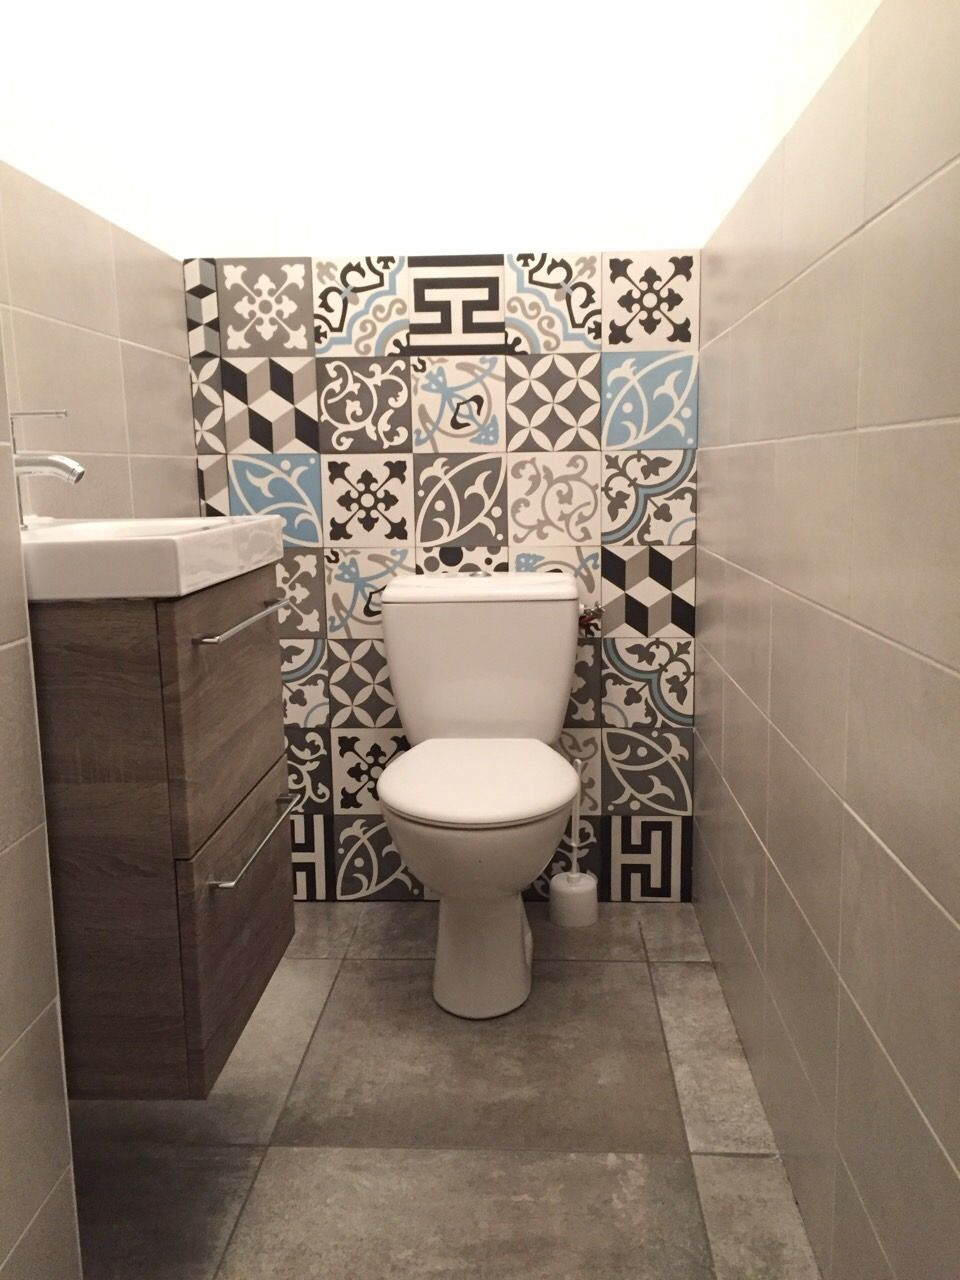 Wc Carreaux De Ciment Amenagement Toilettes Deco Toilettes